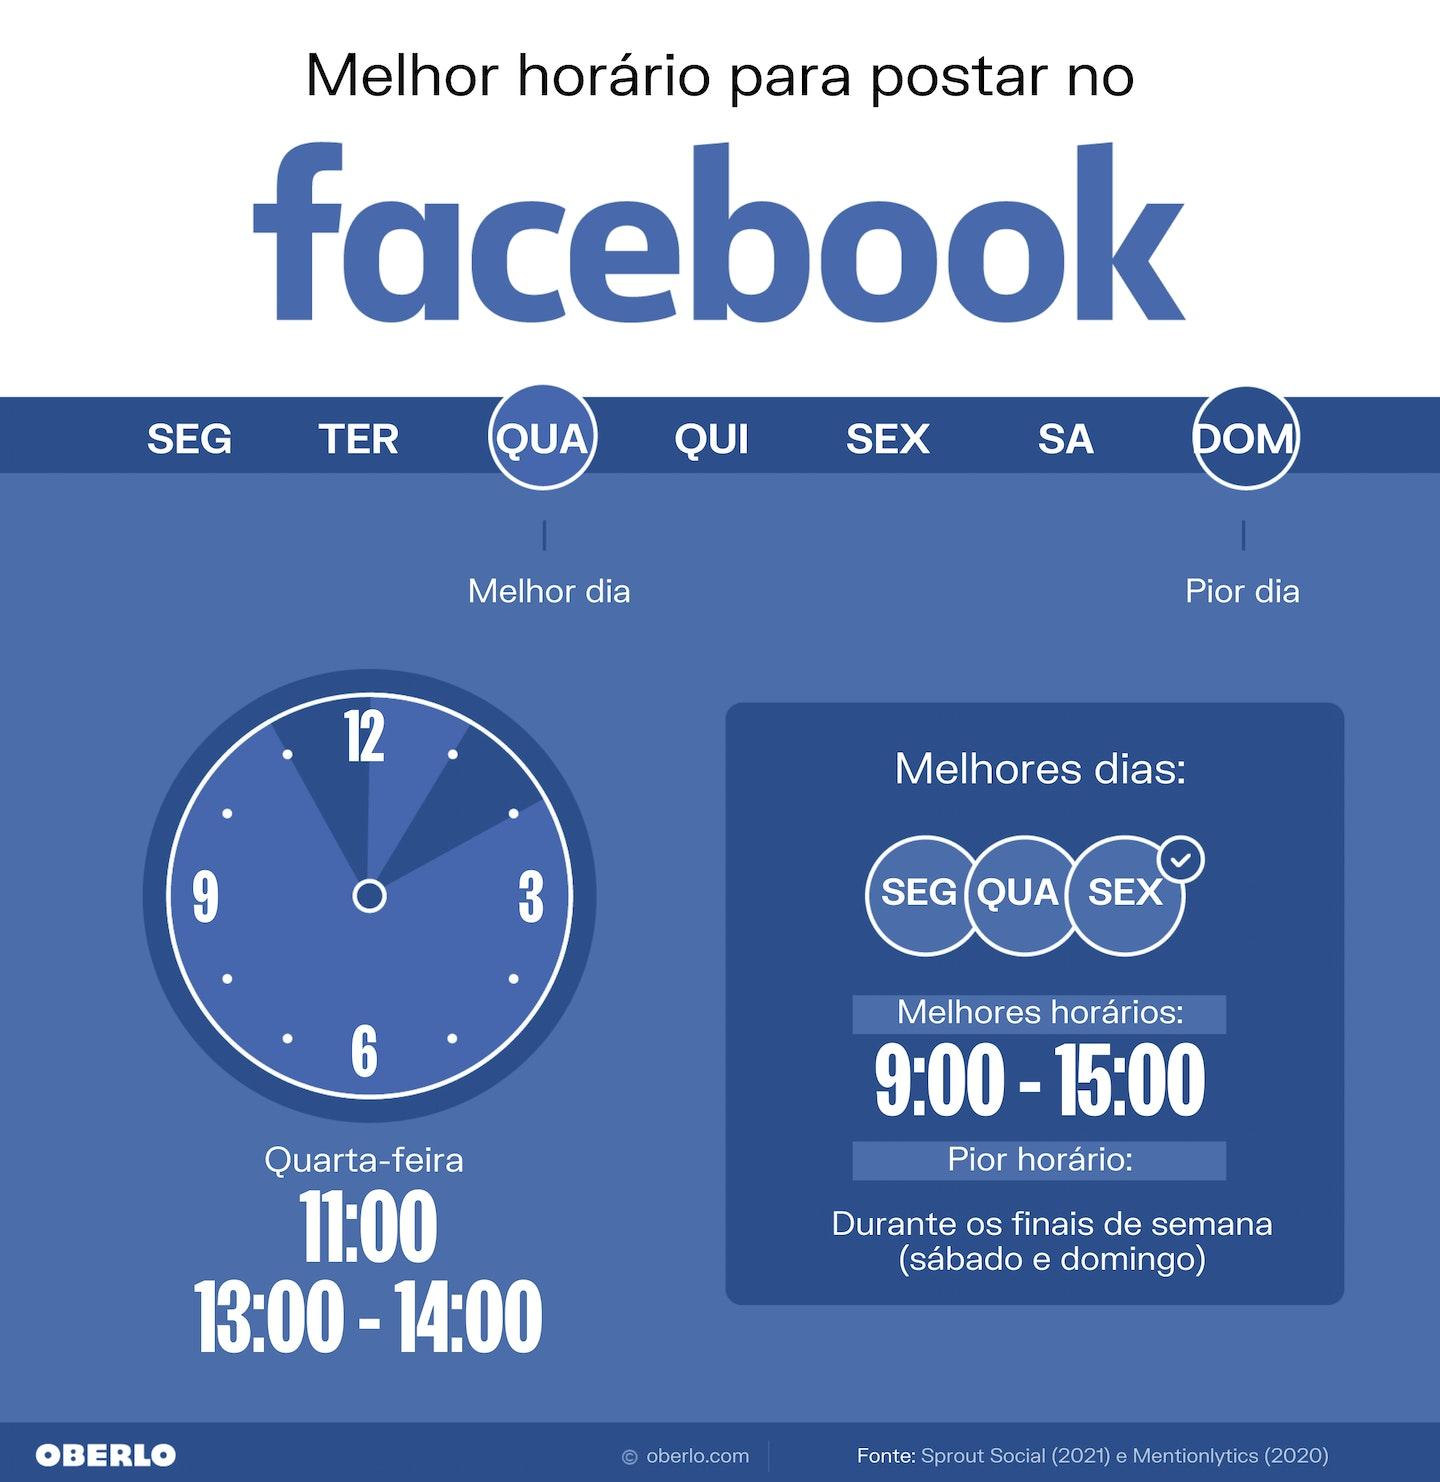 Melhores horários para postar no Facebook - Oberlo